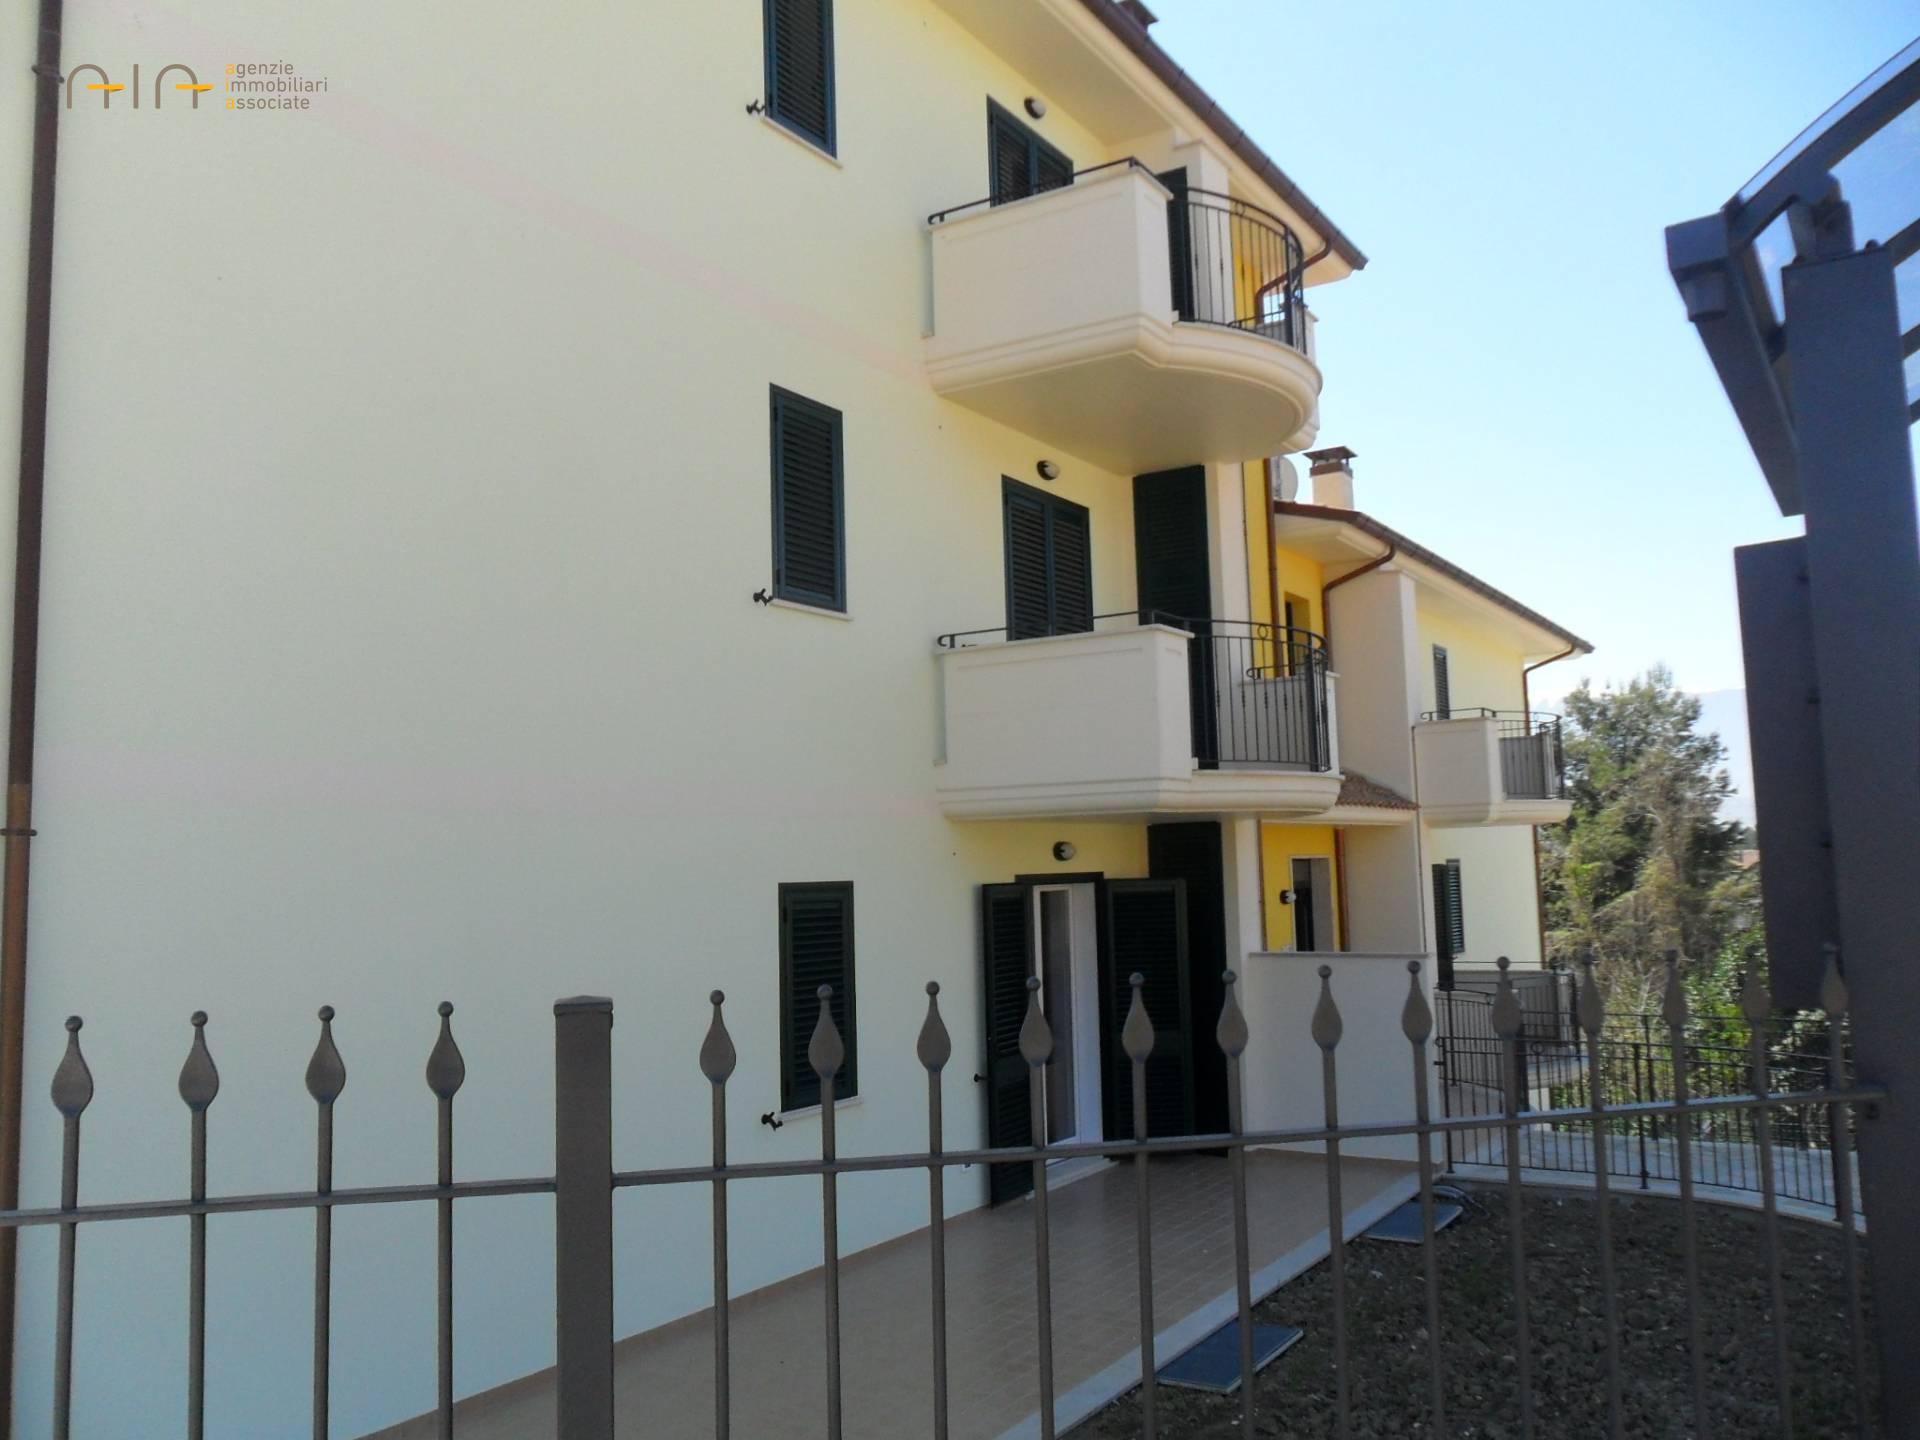 Appartamento in vendita a Colli del Tronto, 3 locali, zona Località: VillaSanGiusepe, prezzo € 113.000   CambioCasa.it